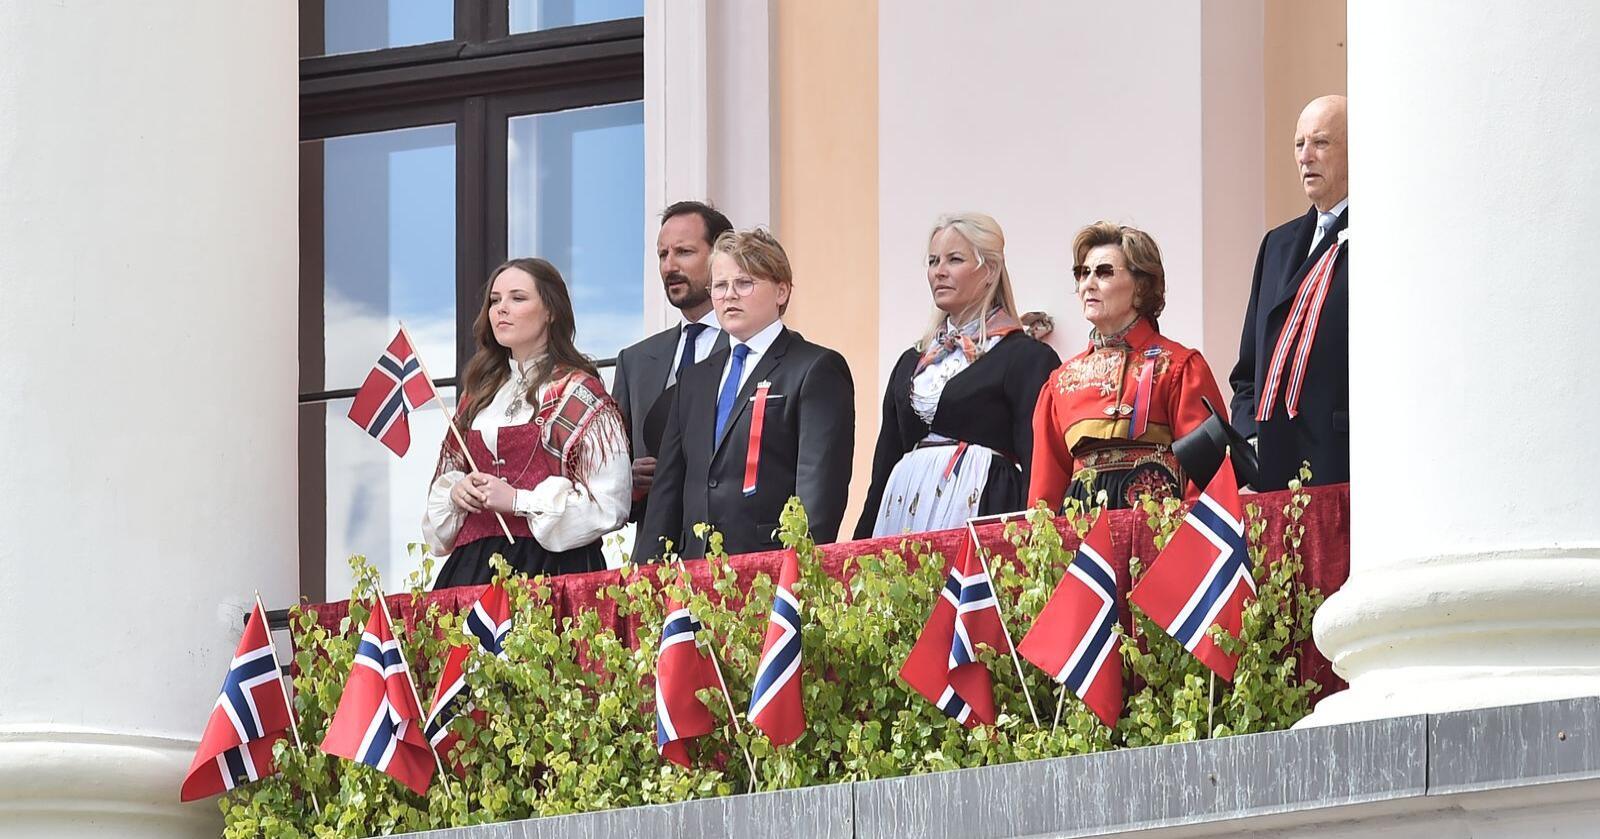 Kongefamilien sang med da nasjonalsangen ble sunget på Slottsplassen foran Slottet. Foto: Fredrik Varfjell / NTB scanpix